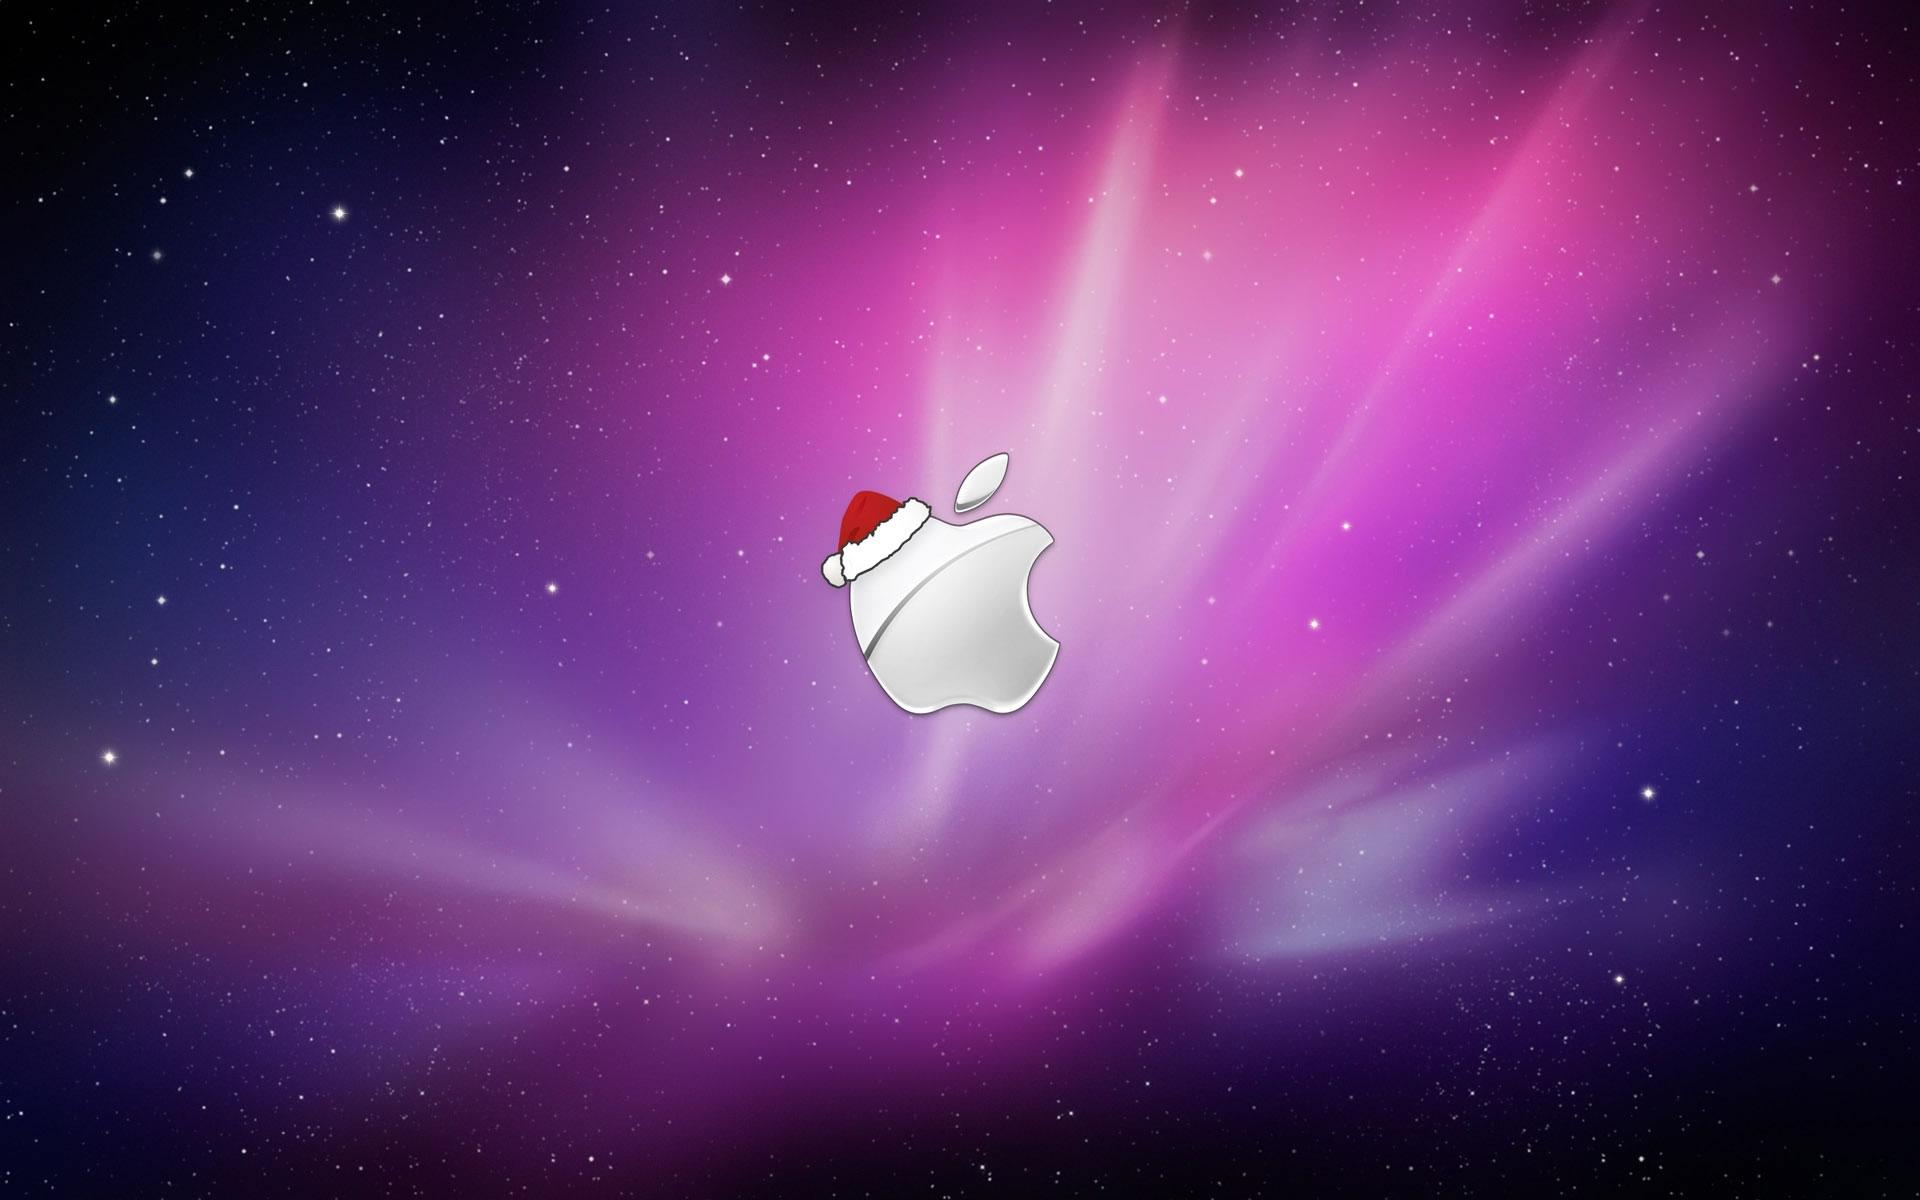 Wallpaper Navidad Apple